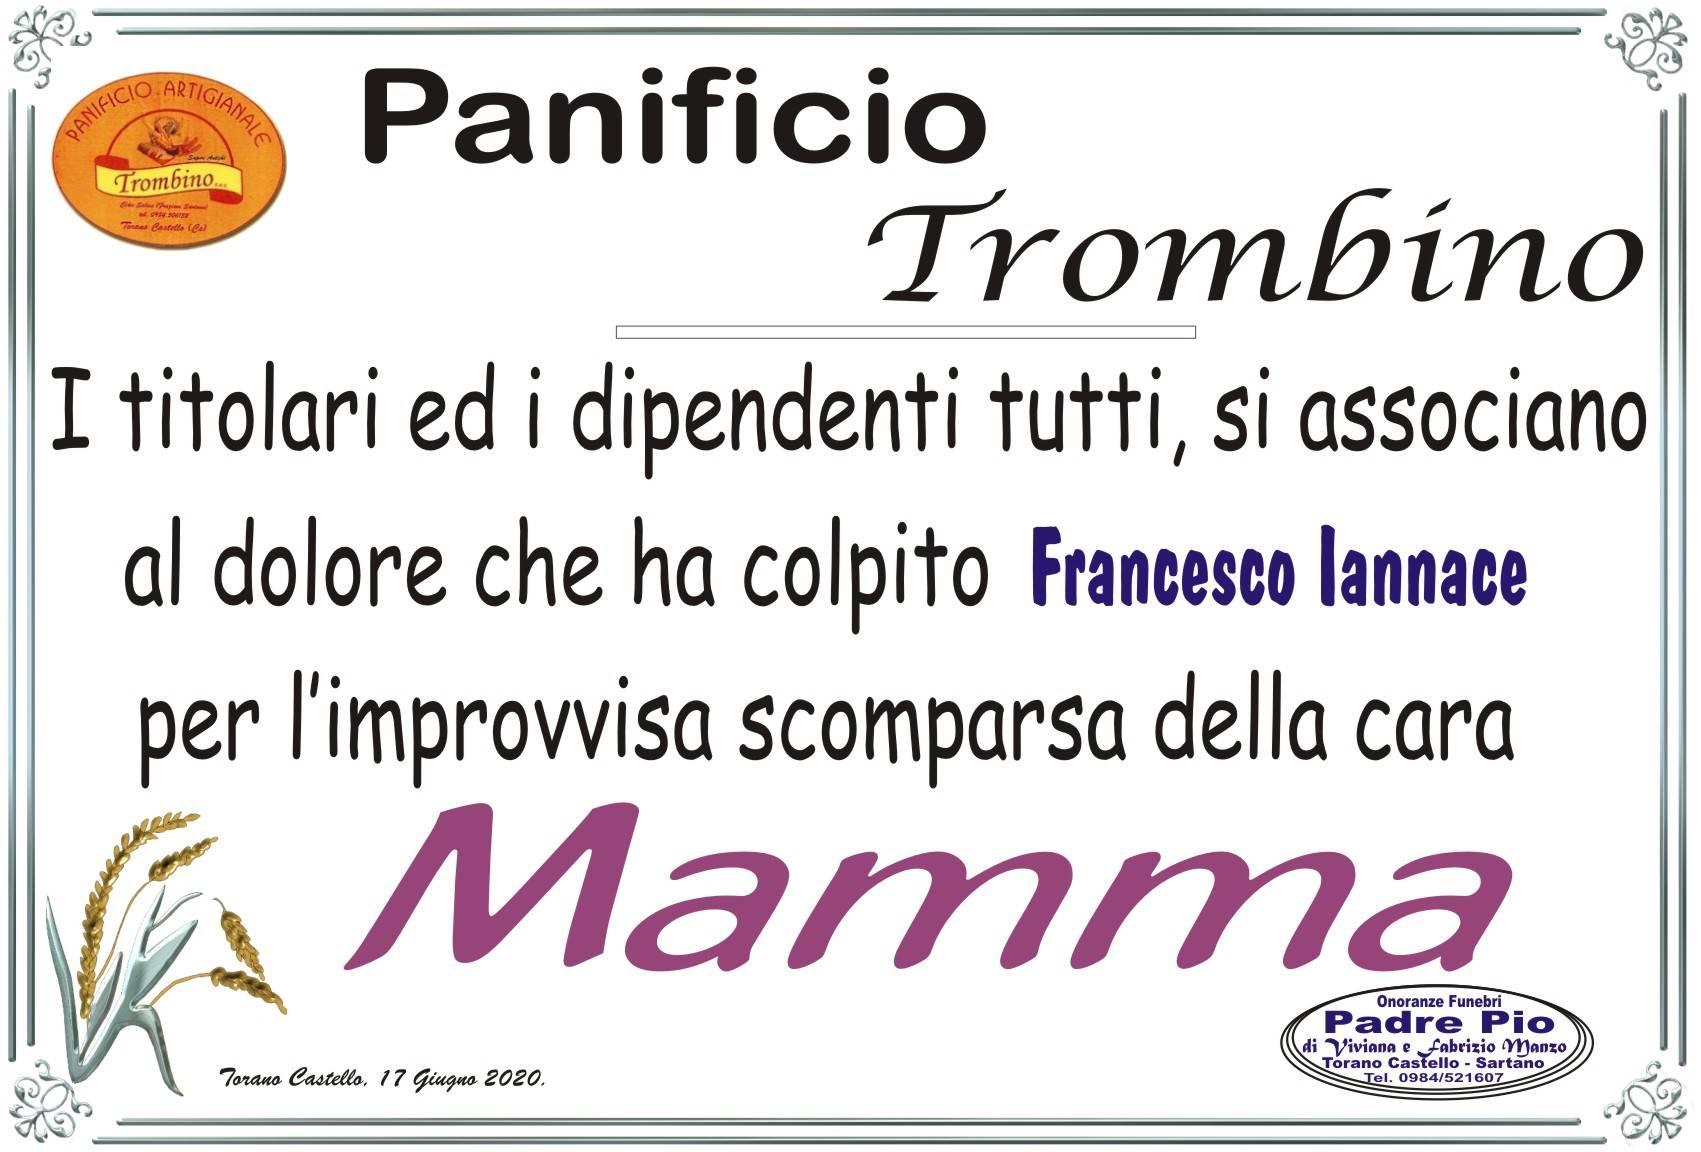 Panificio Trombino